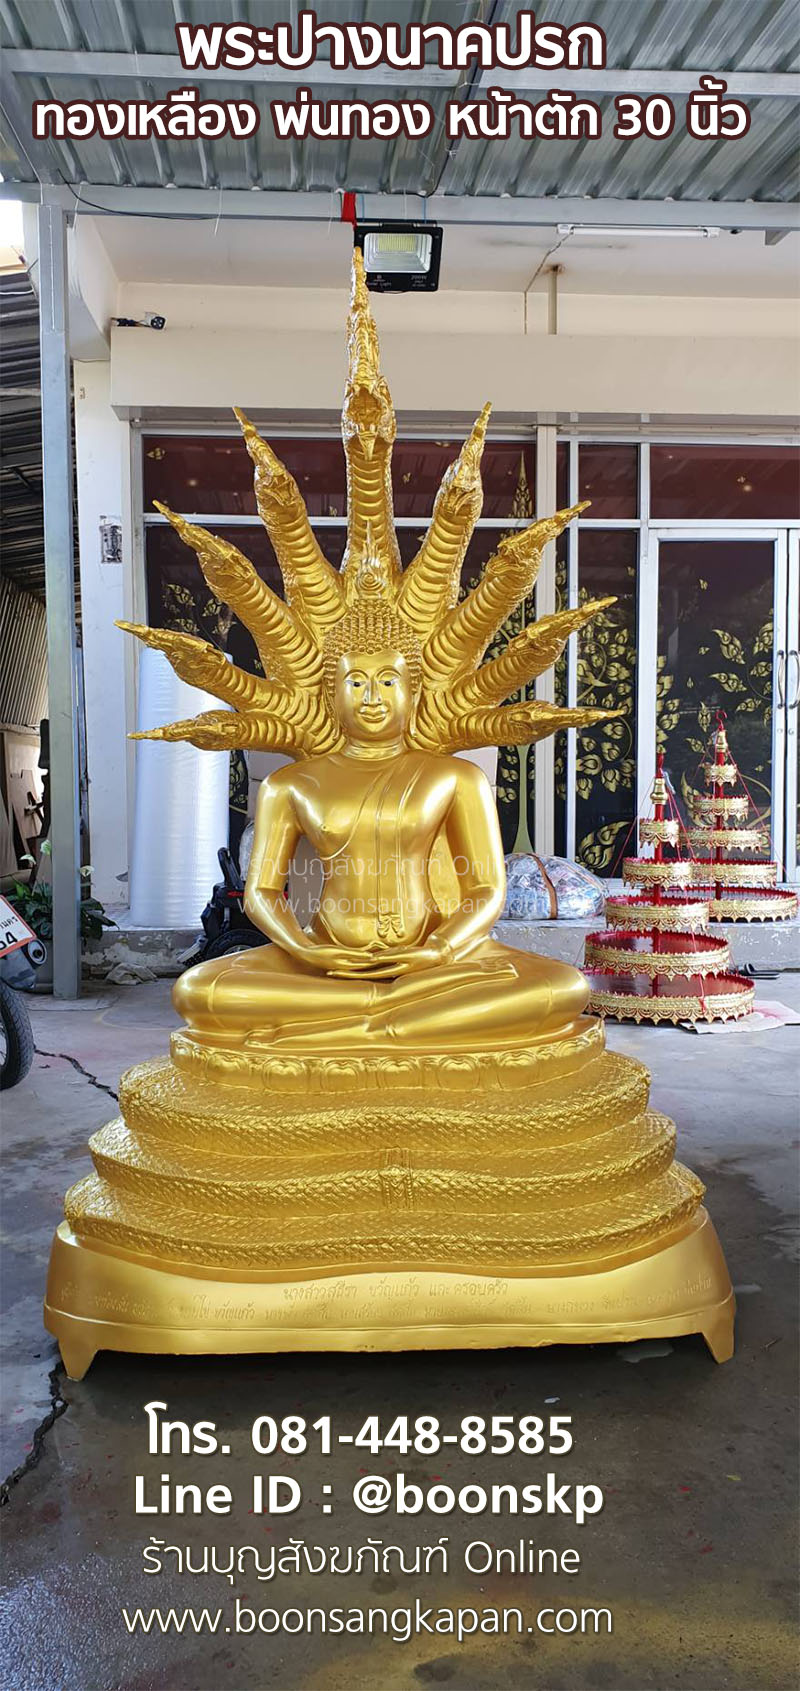 พระพุทธรูป ทองเหลือง พ่นทอง ปางนาคปรก 30 นิ้ว2